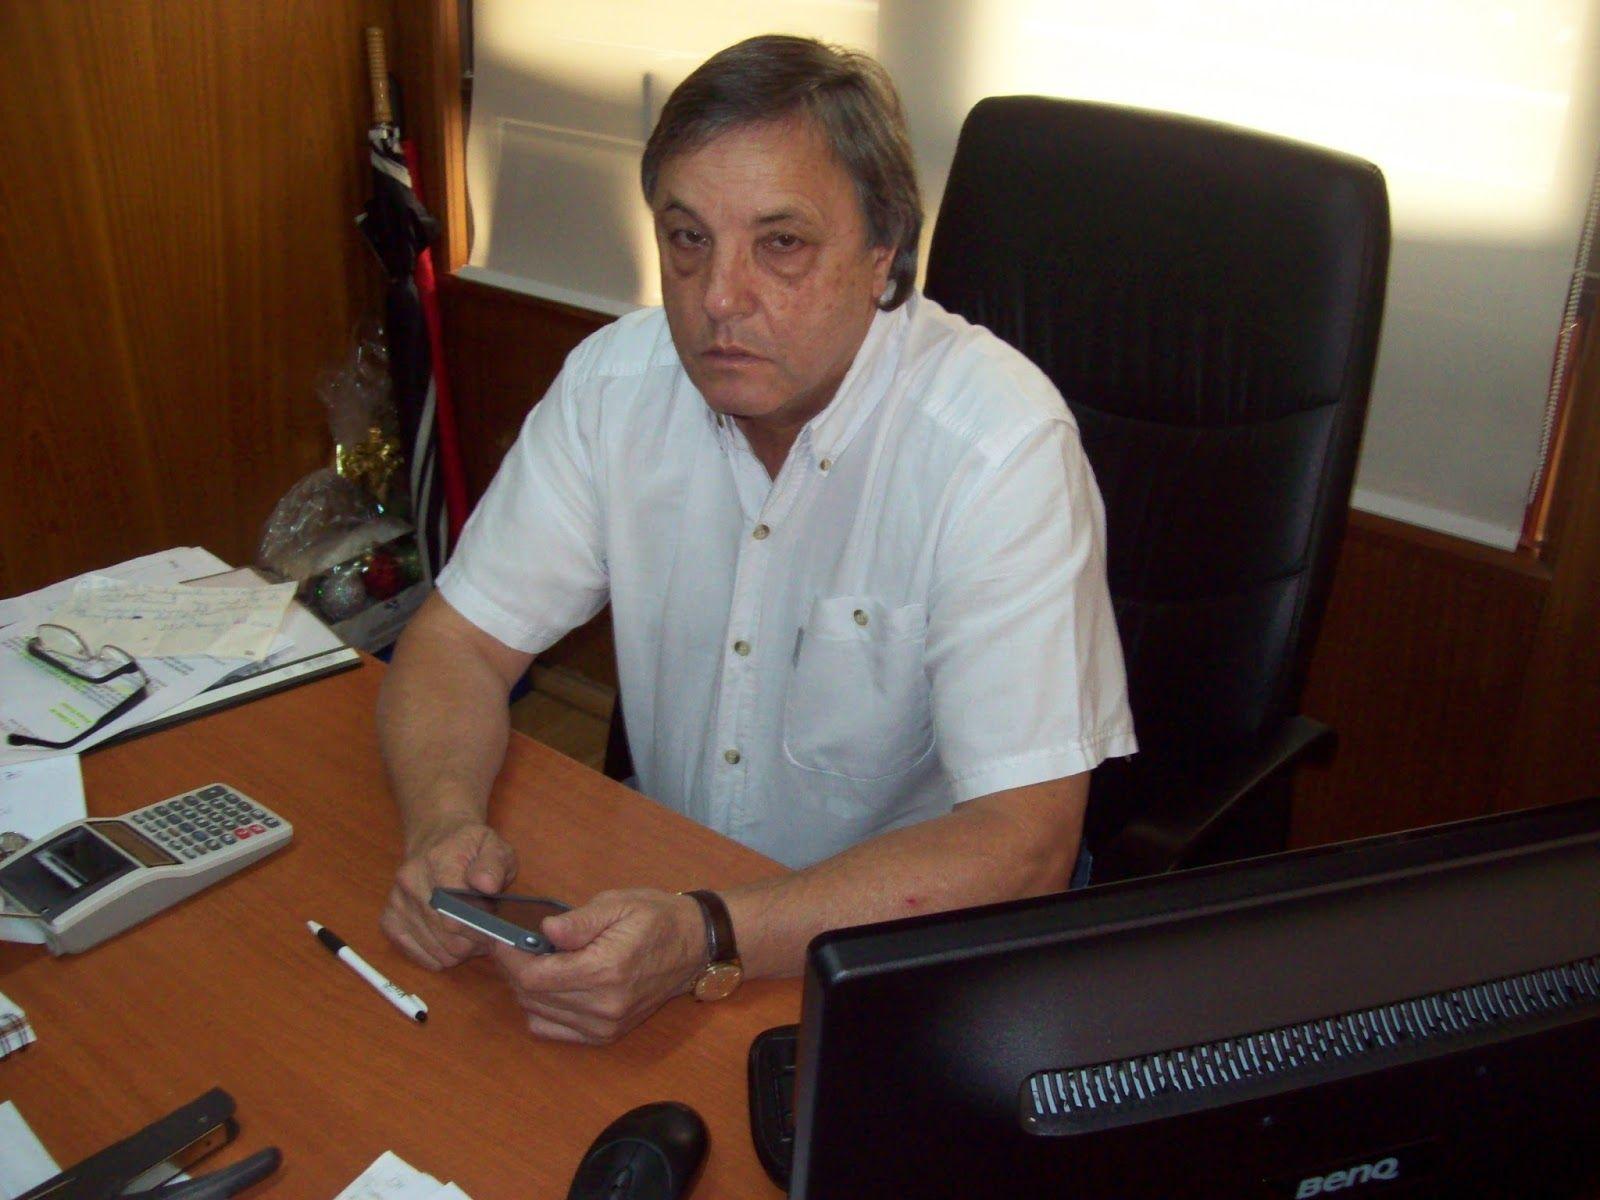 Yoyo Maldonado